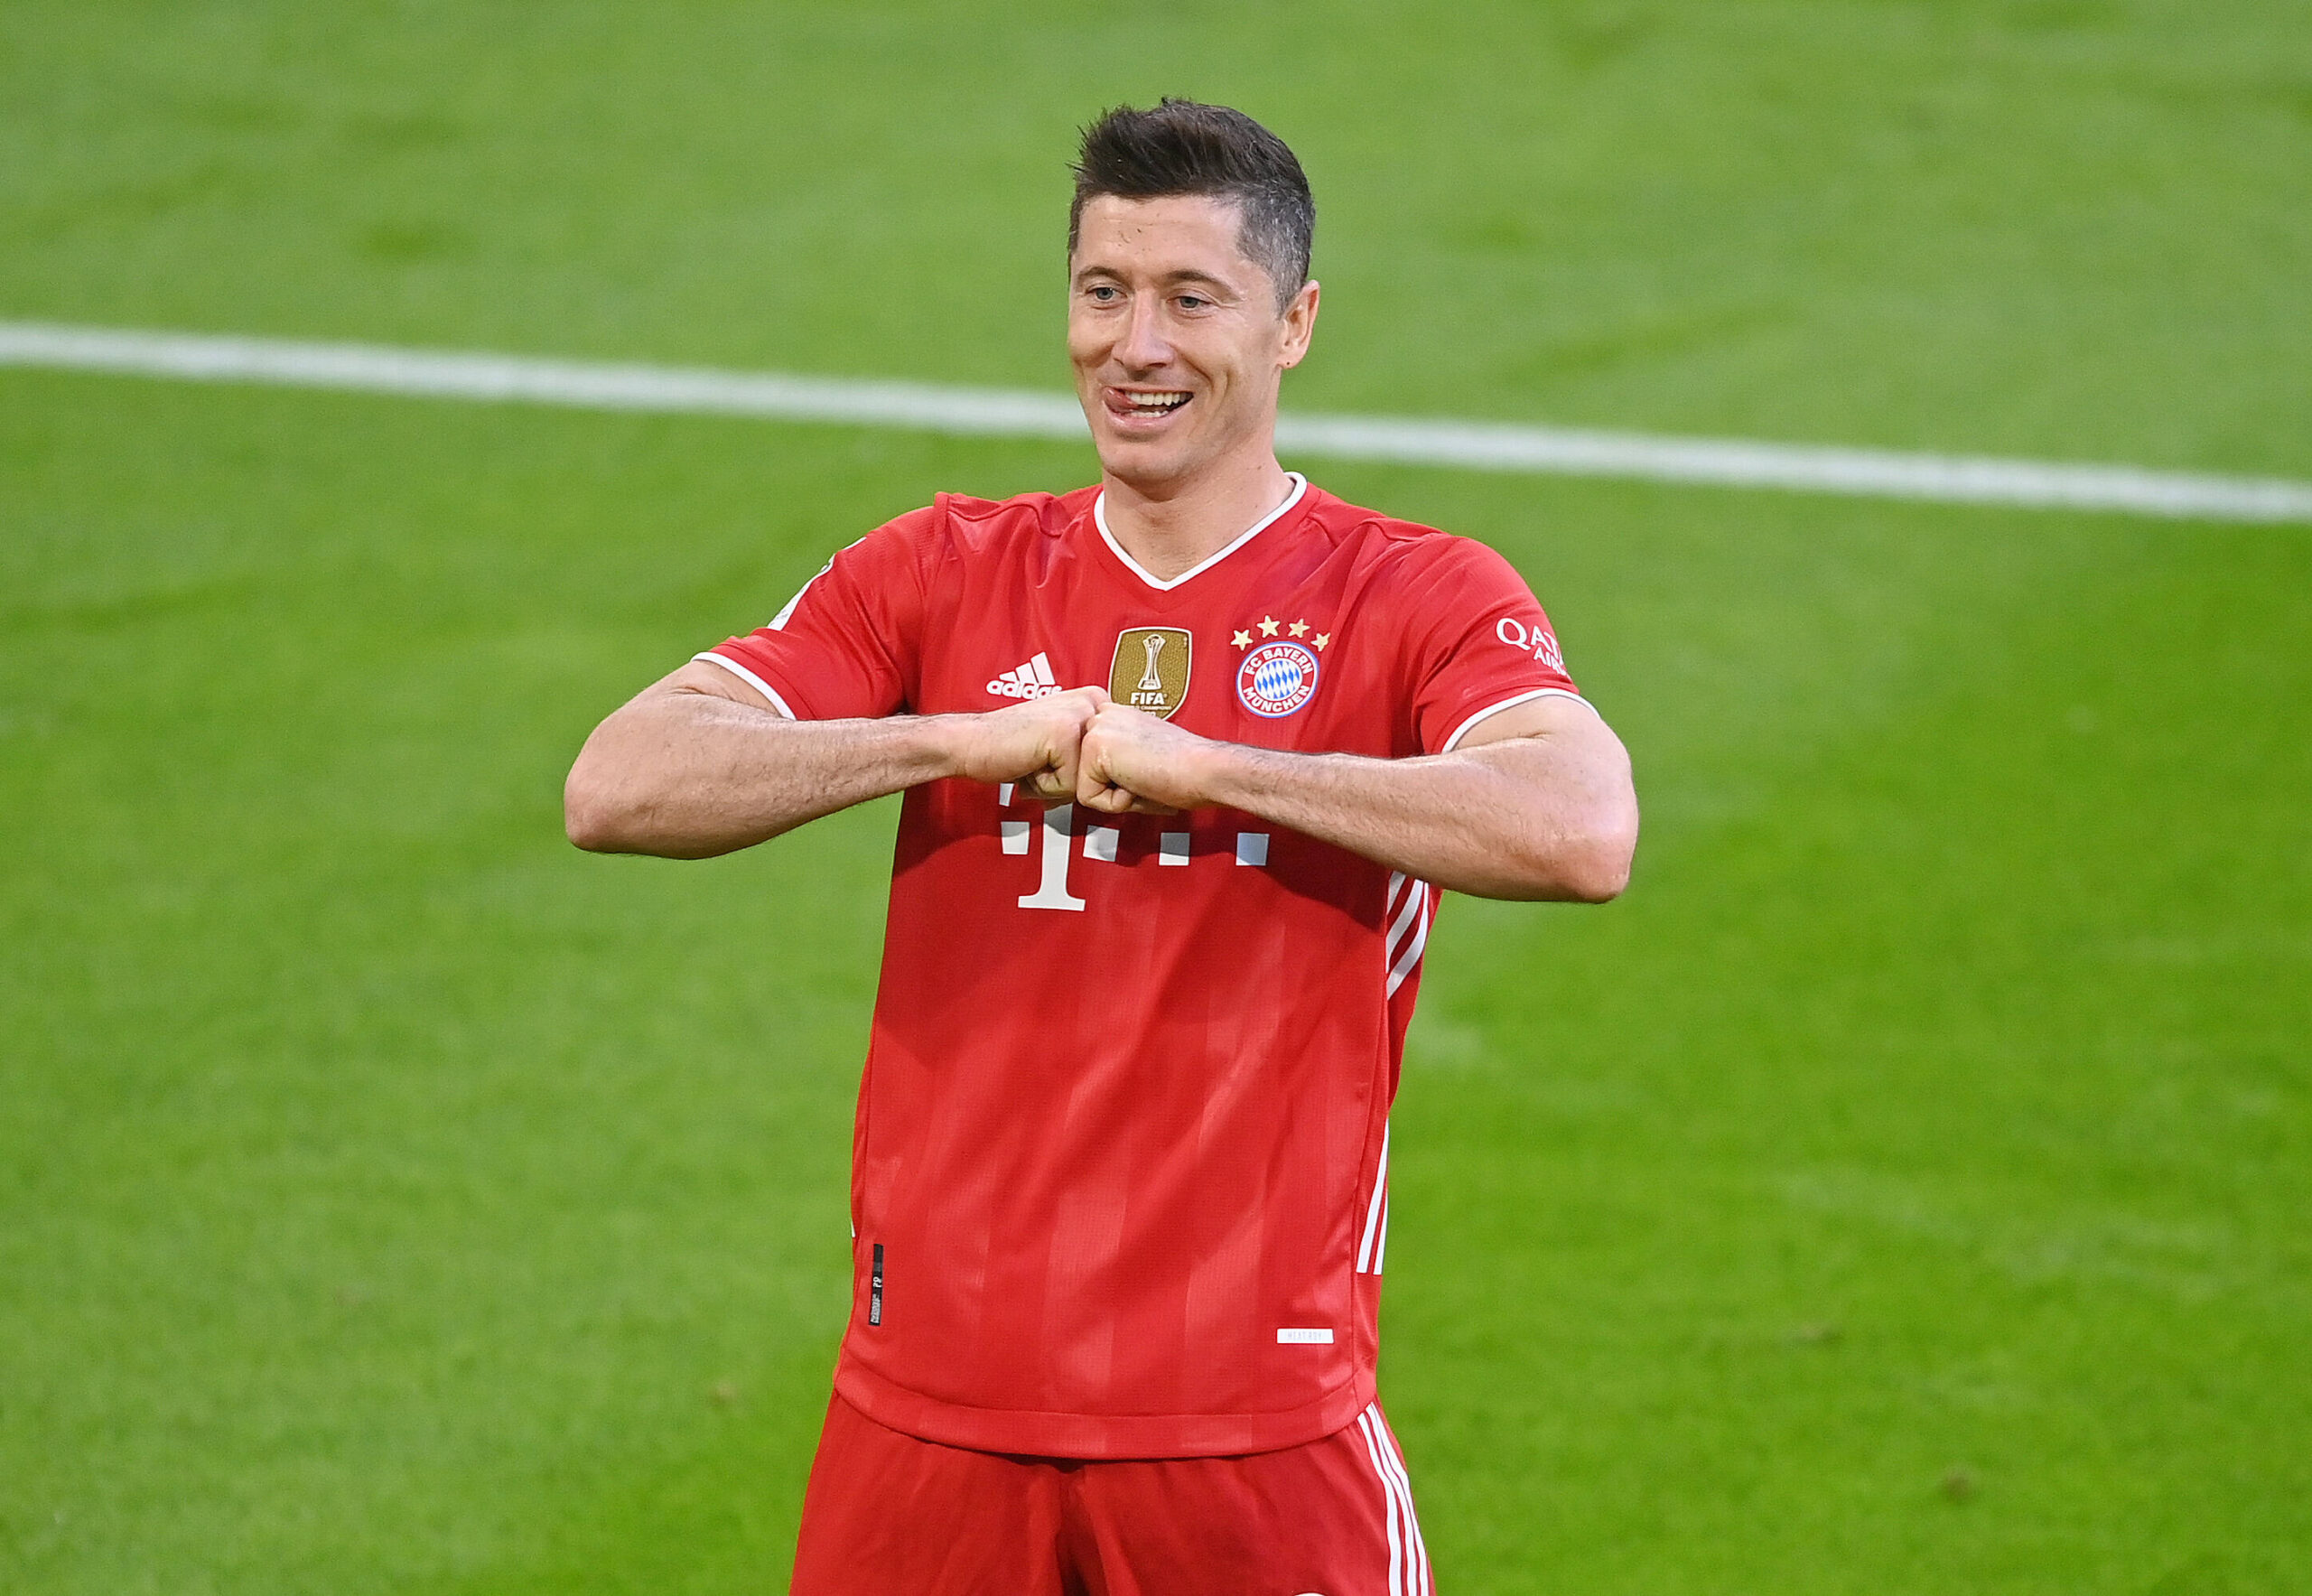 Lewandowski, historia viva de la Bundesliga. Foto: Imago